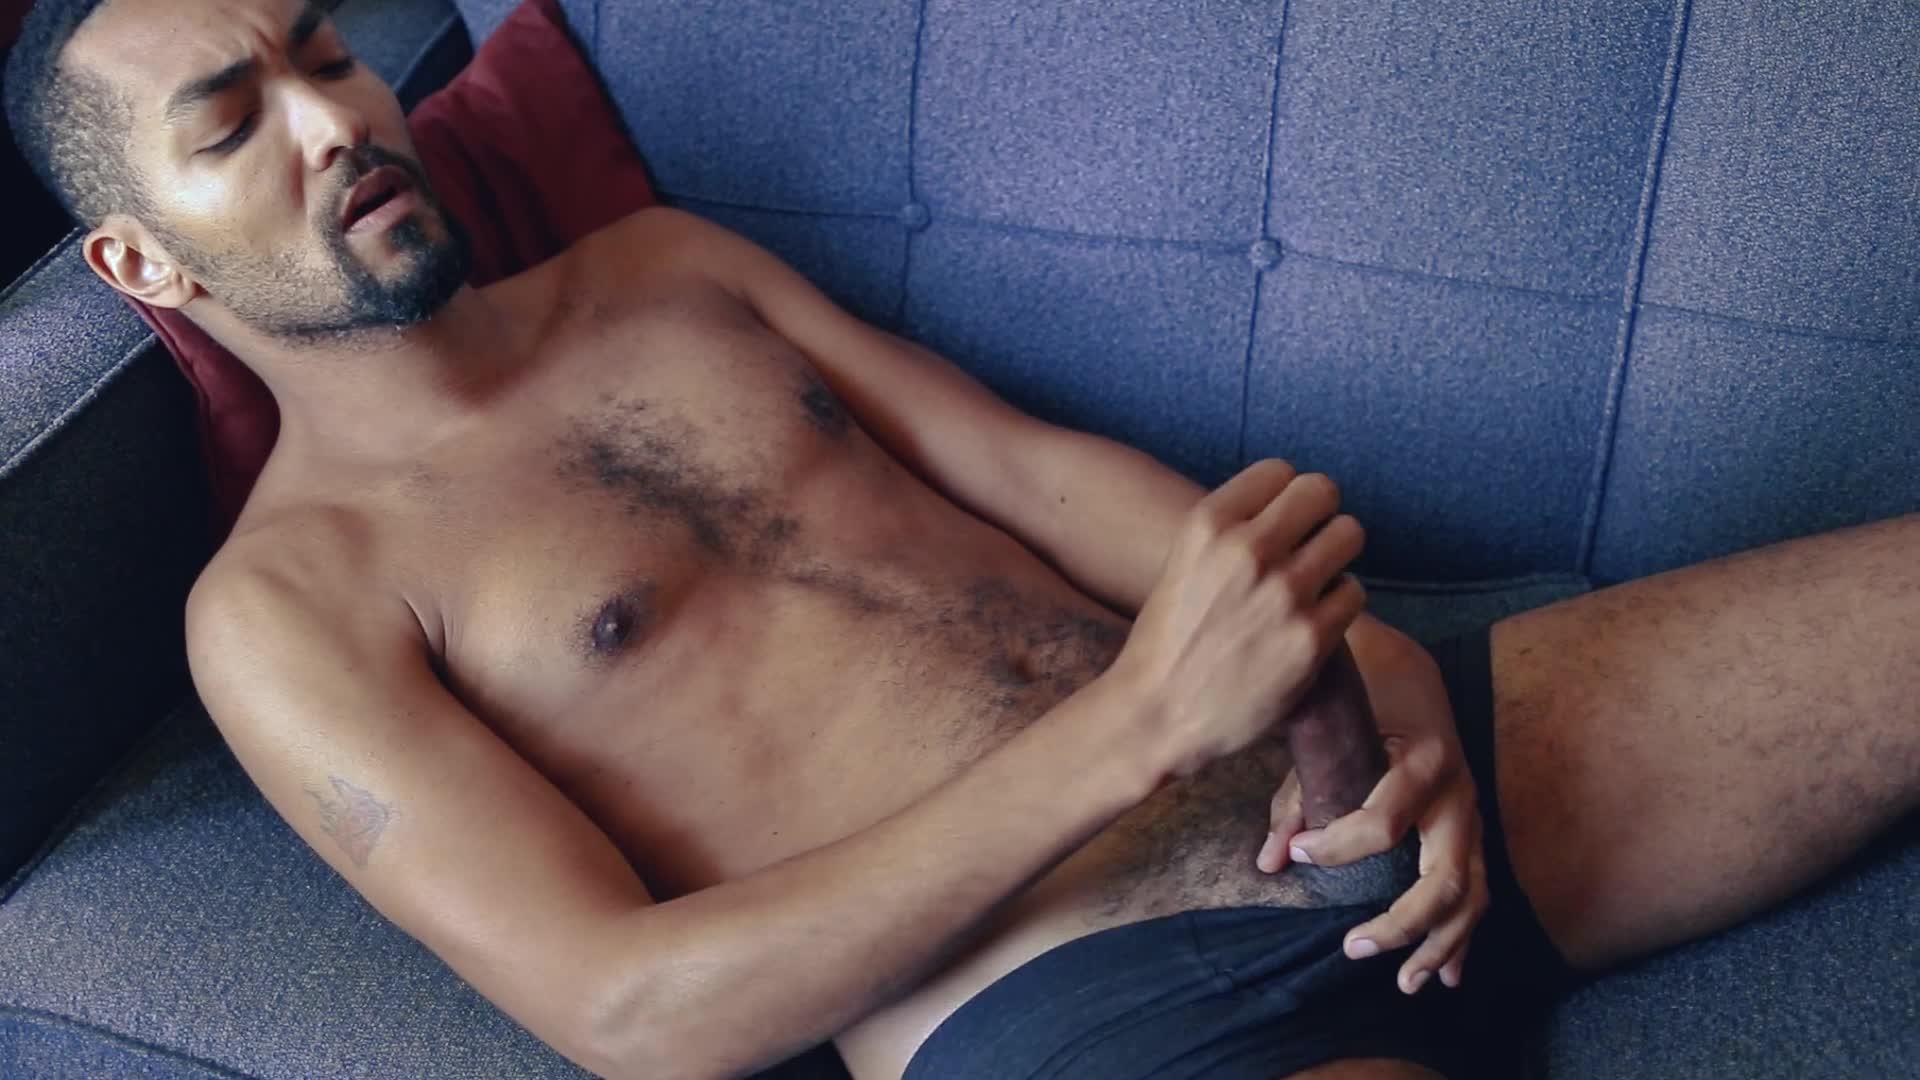 males-masturbating-videos